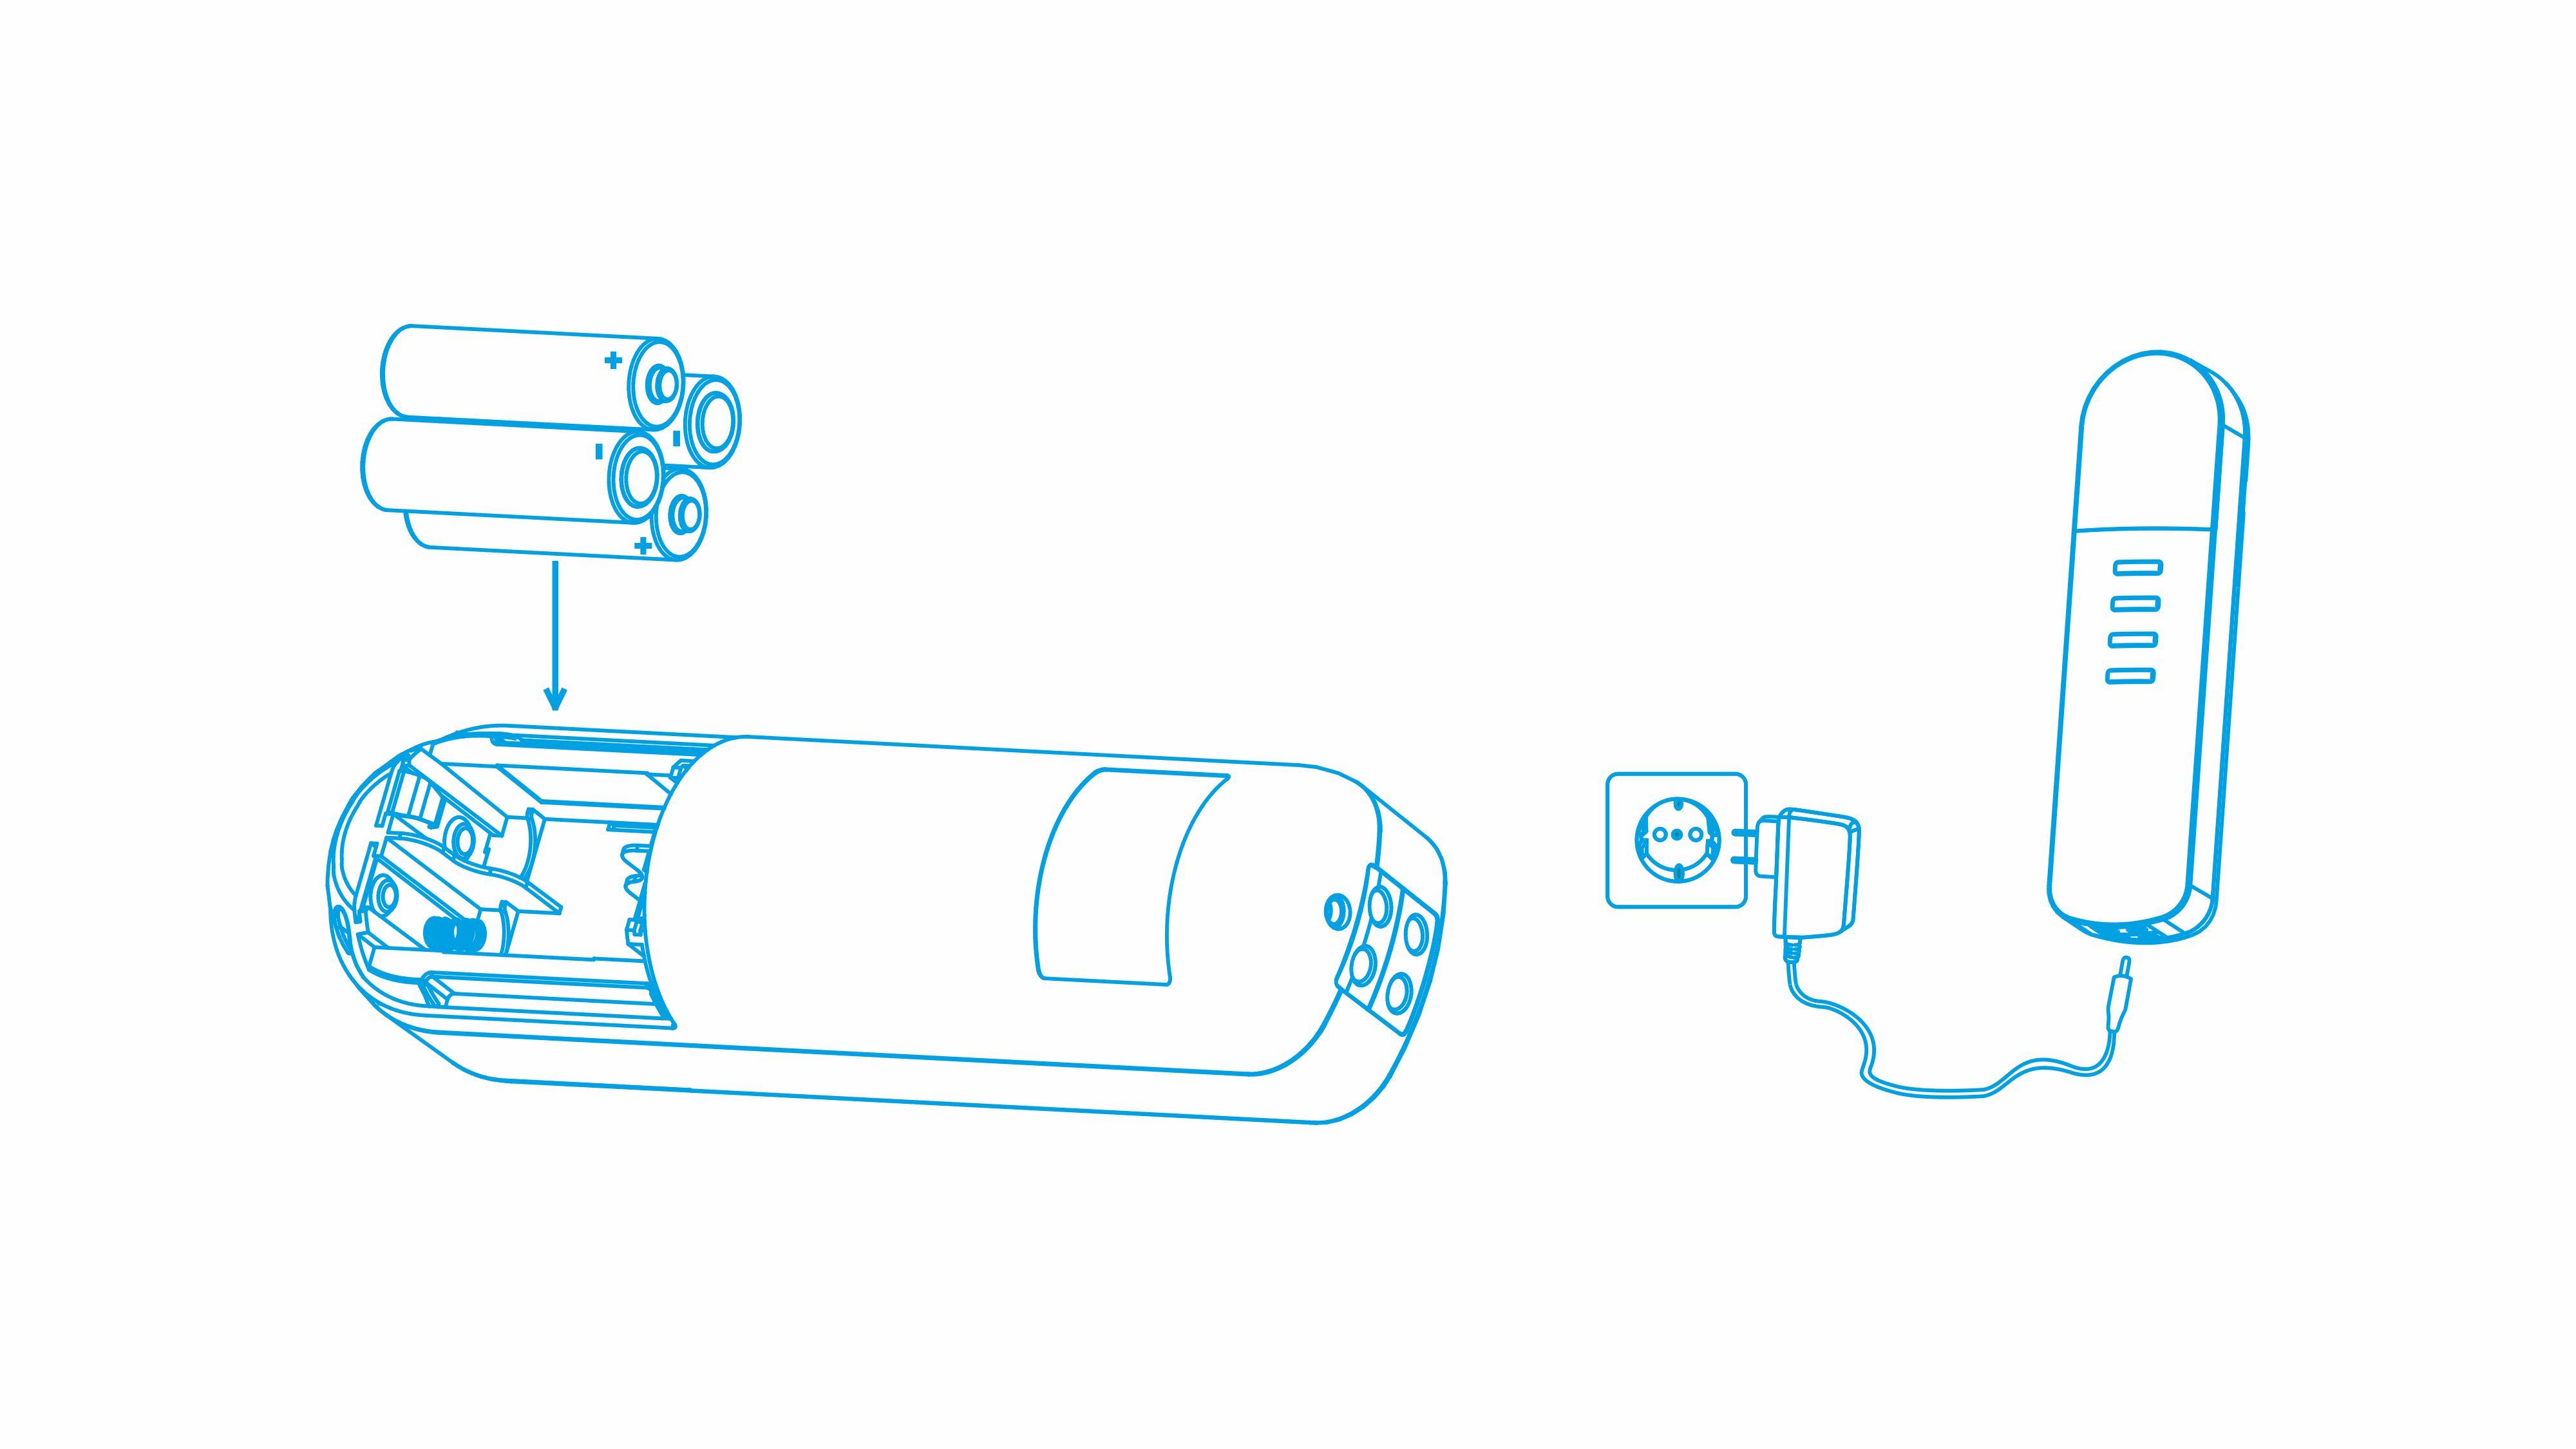 Питание от сети 220В или от батареек - Лимфодренажный массажер для ног Bodo Air Pro